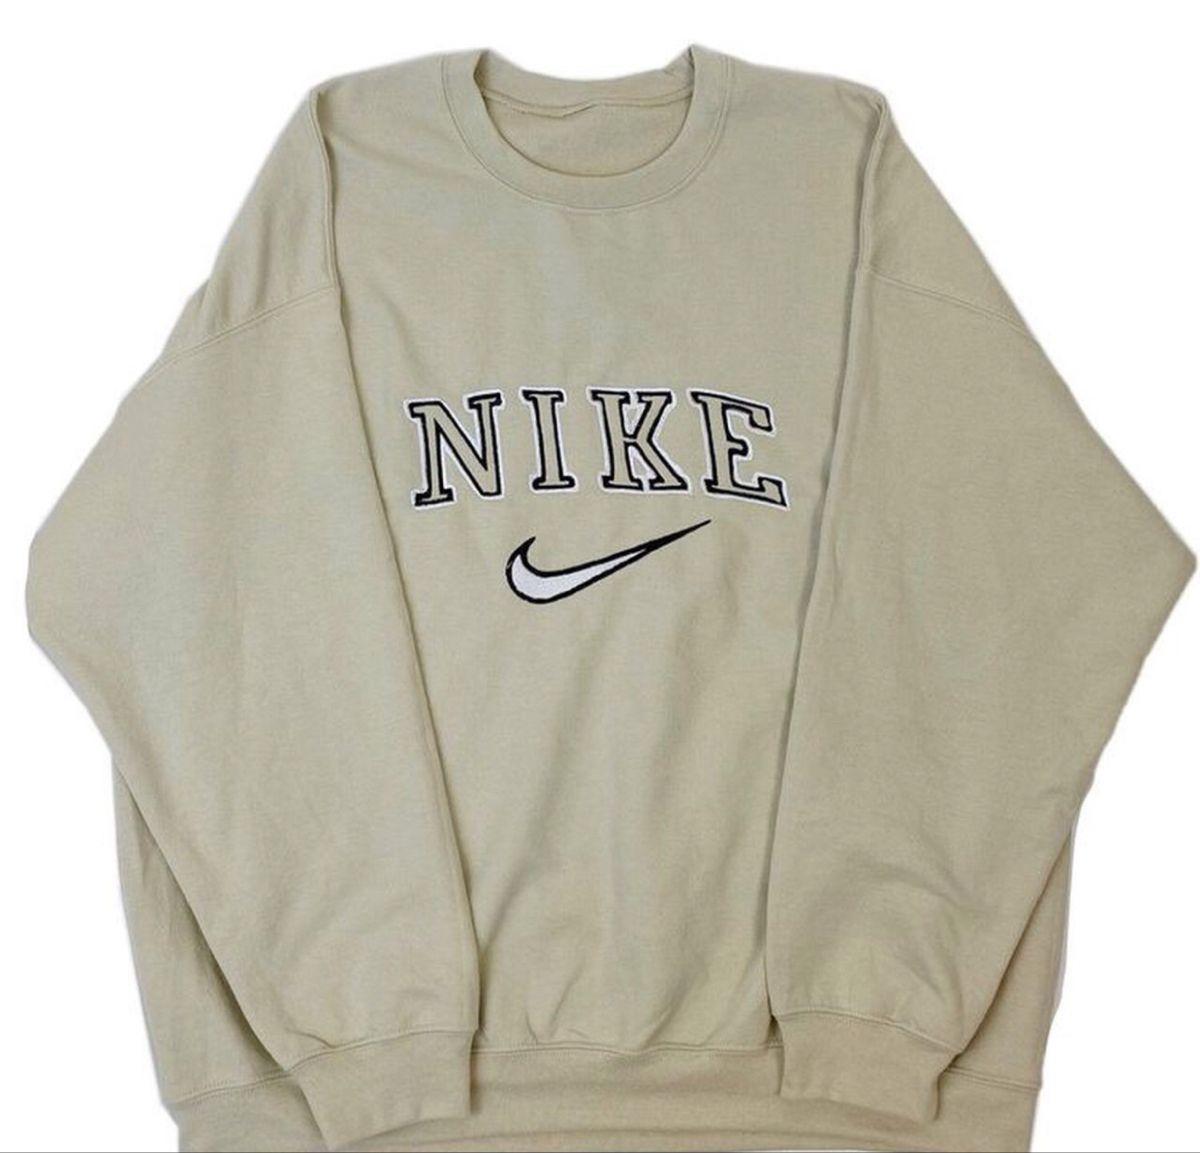 Vintage Cream Nike Crewneck Sweatshirt In 2021 Nike Crewneck Sweatshirt Nike Crewneck Vintage Nike Sweatshirt [ 1153 x 1200 Pixel ]